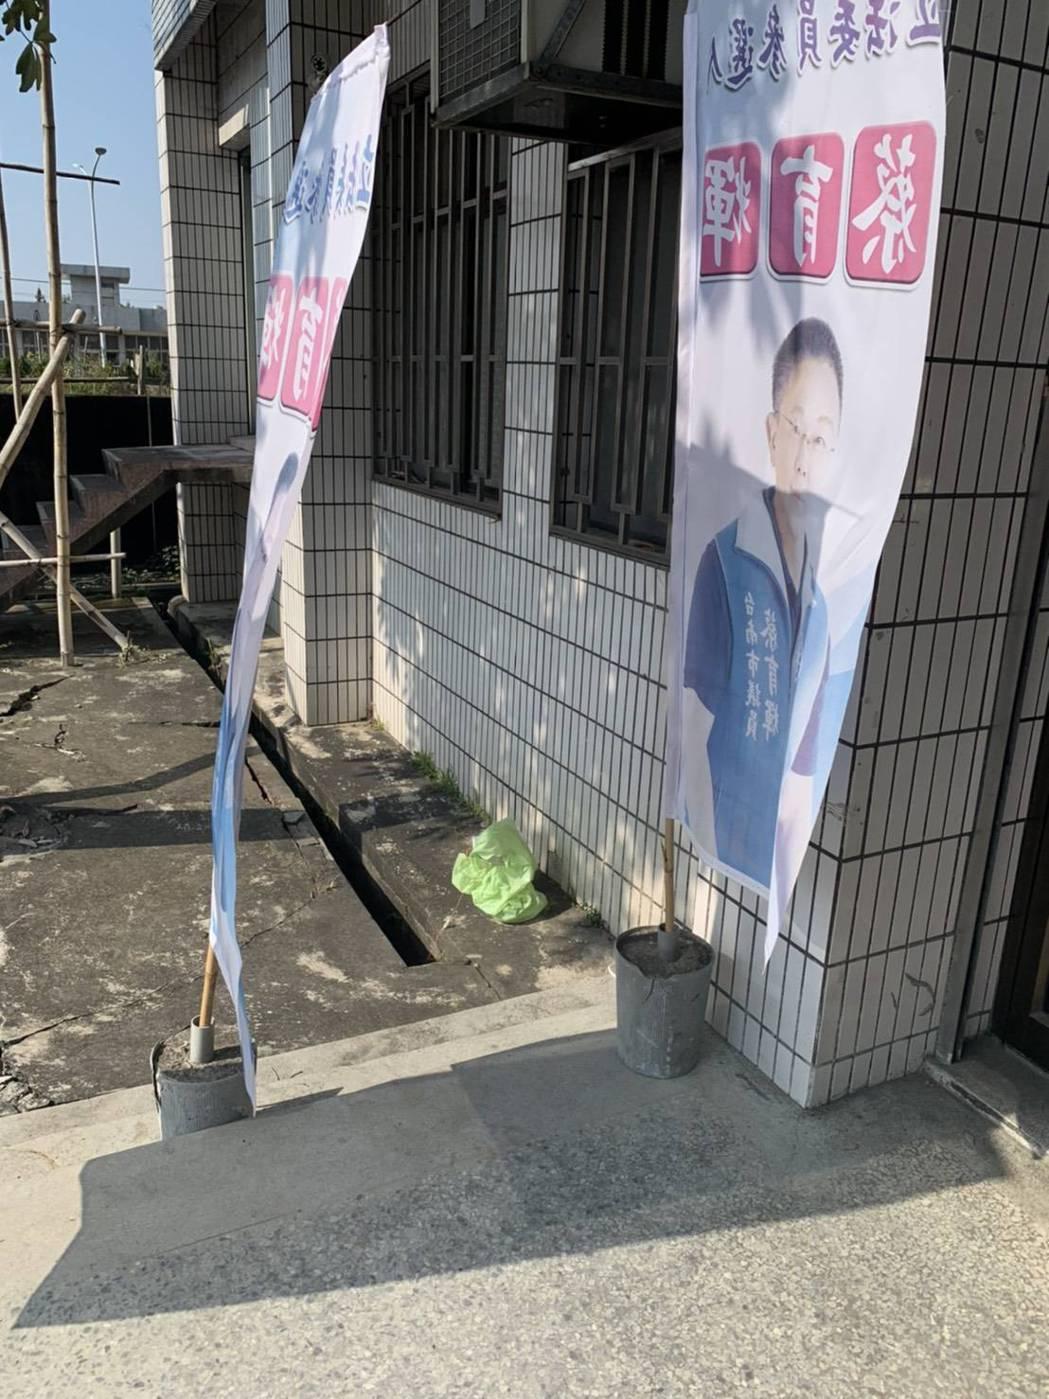 國民黨台南市後壁區黨部驚傳疑遭放爆裂物。圖/台南市政府農業局提供